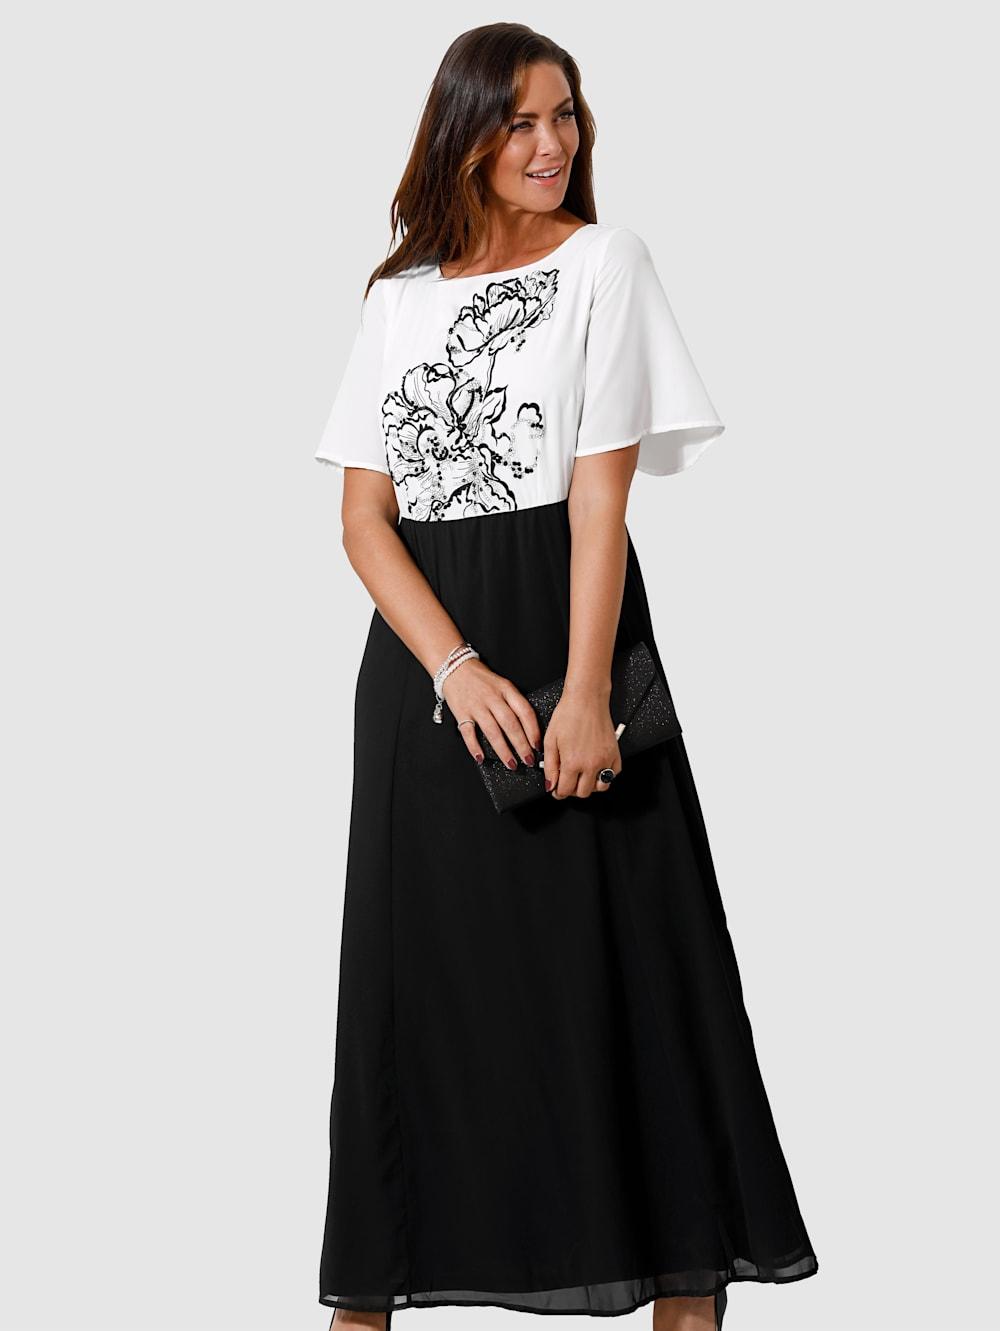 miamoda abendkleid mit floraler stickerei und pailletten besetzt | klingel